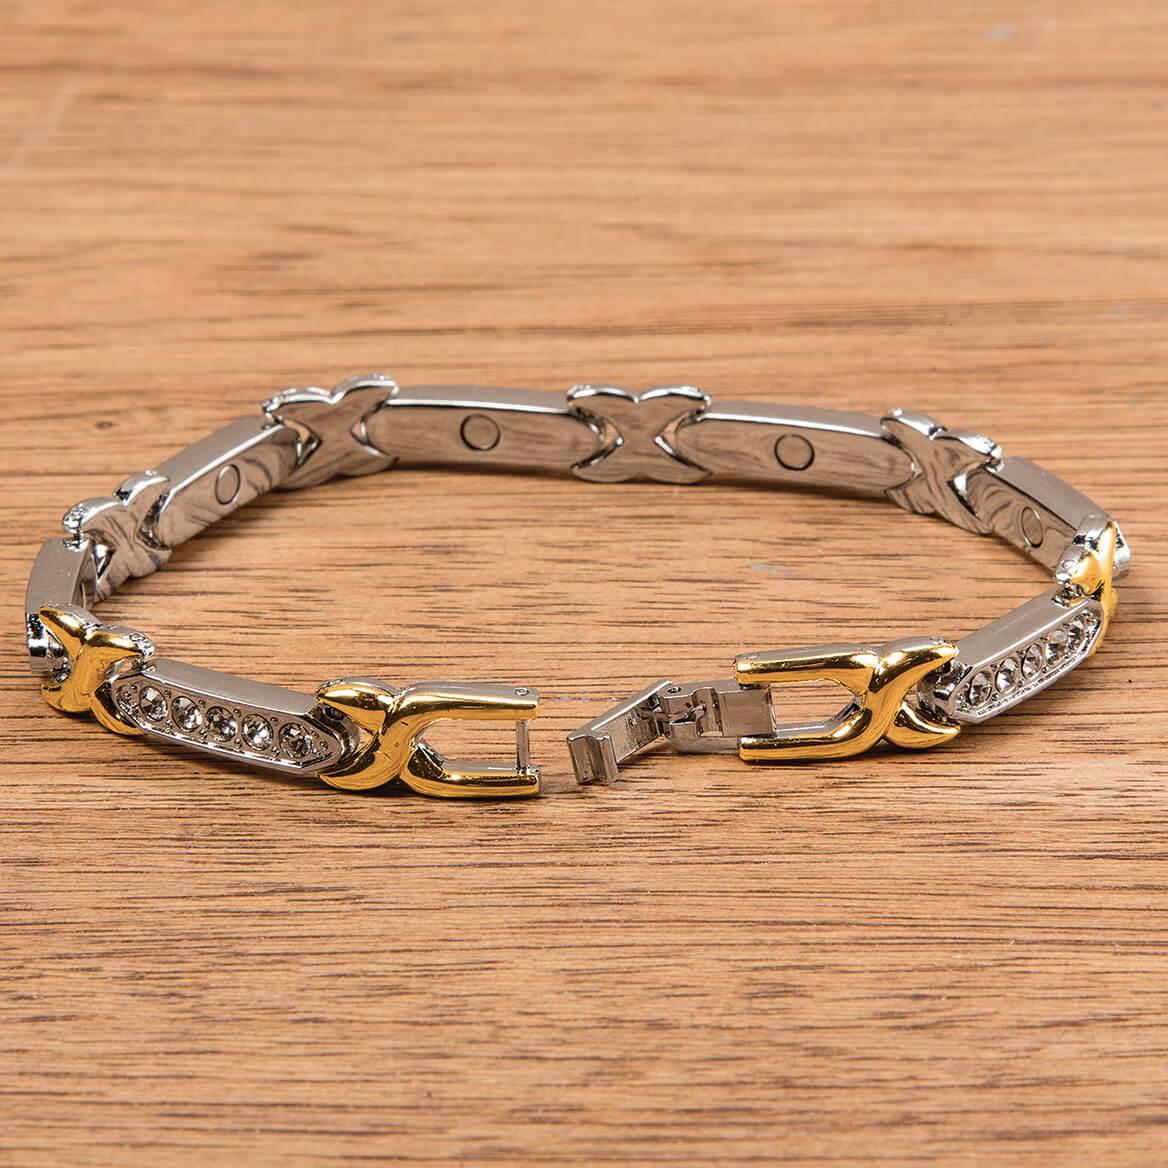 Magnetic Two Tone Bling Bracelet-368462